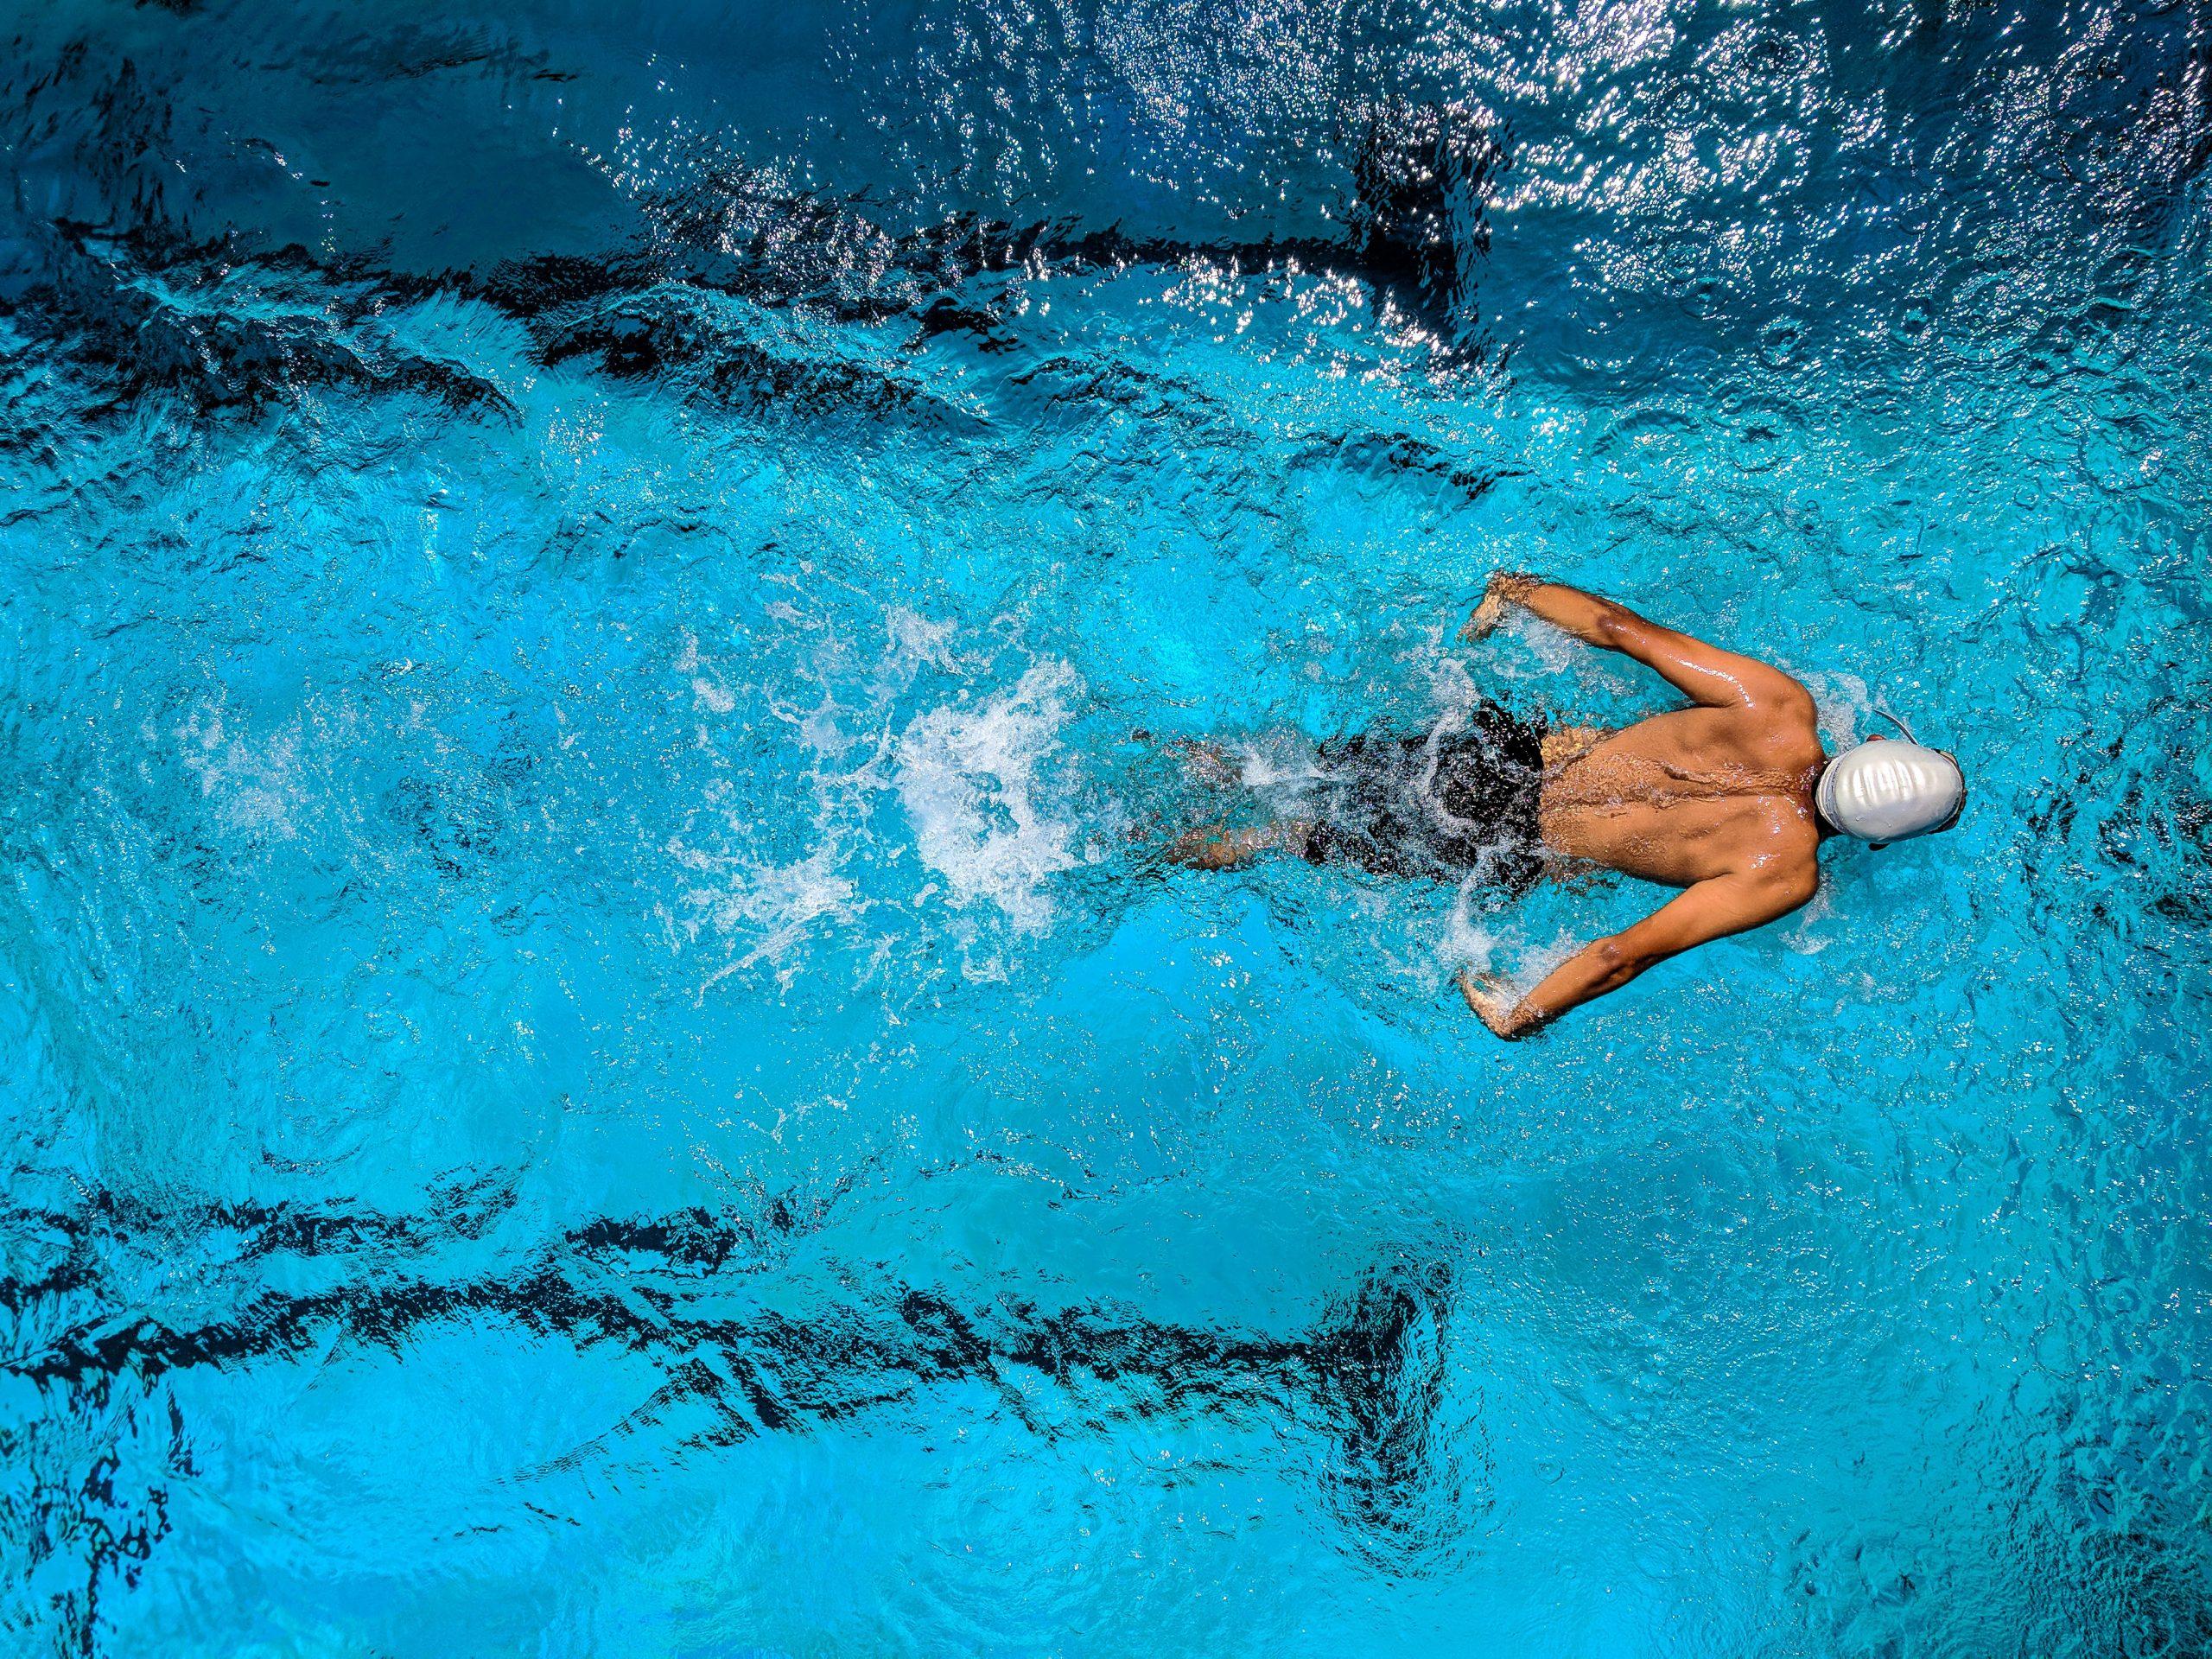 Biosoft 1 Day||Close em mulher de olhos azuis na piscina||||||Biosoft 1 Day||Close em mulher de olhos azuis na piscina